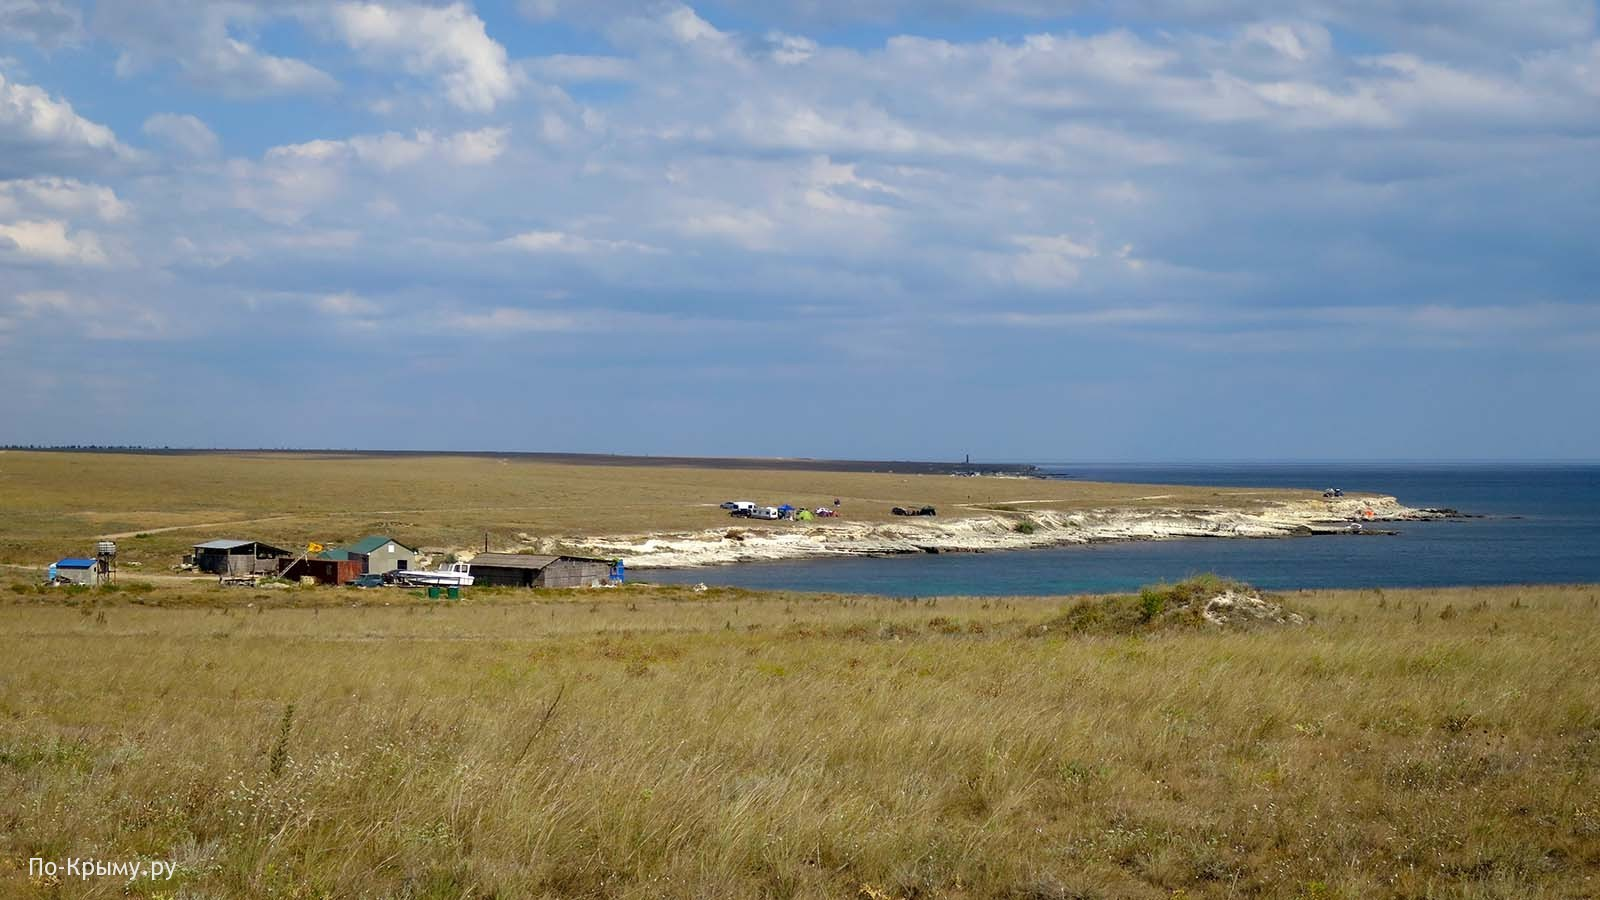 Бухта Убежище, Тарханкут